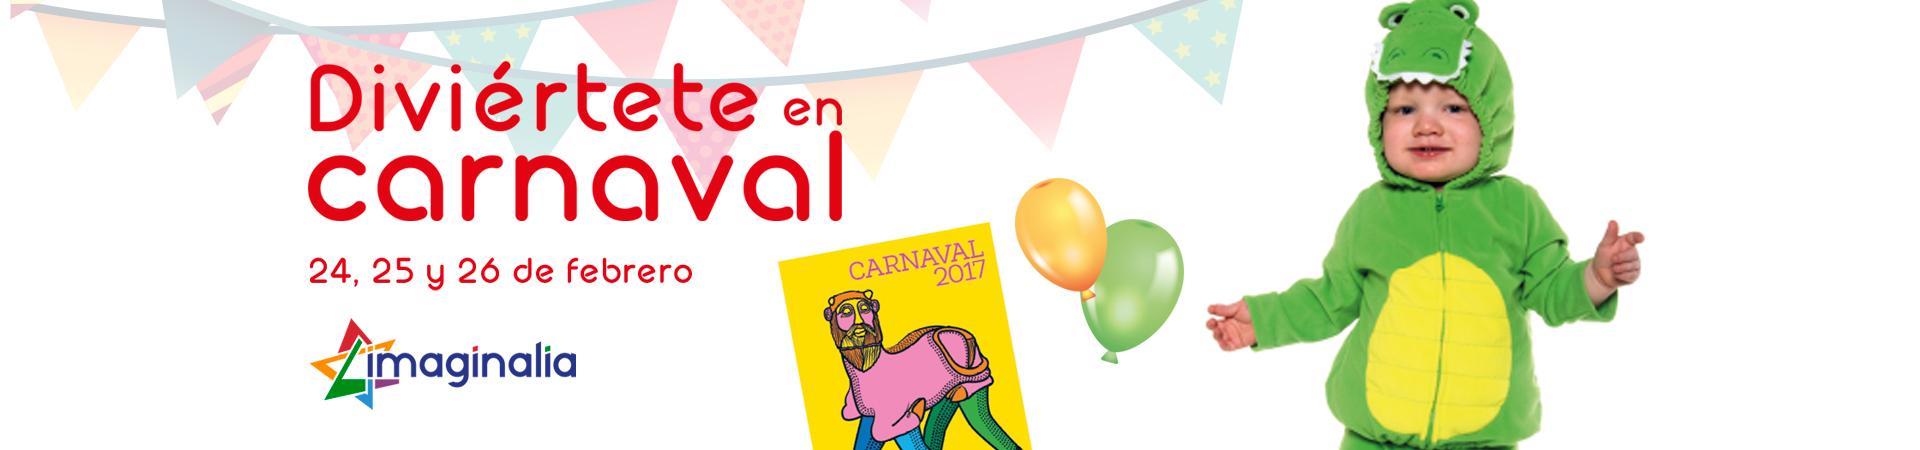 carnaval-imaginalia-albacete-2017